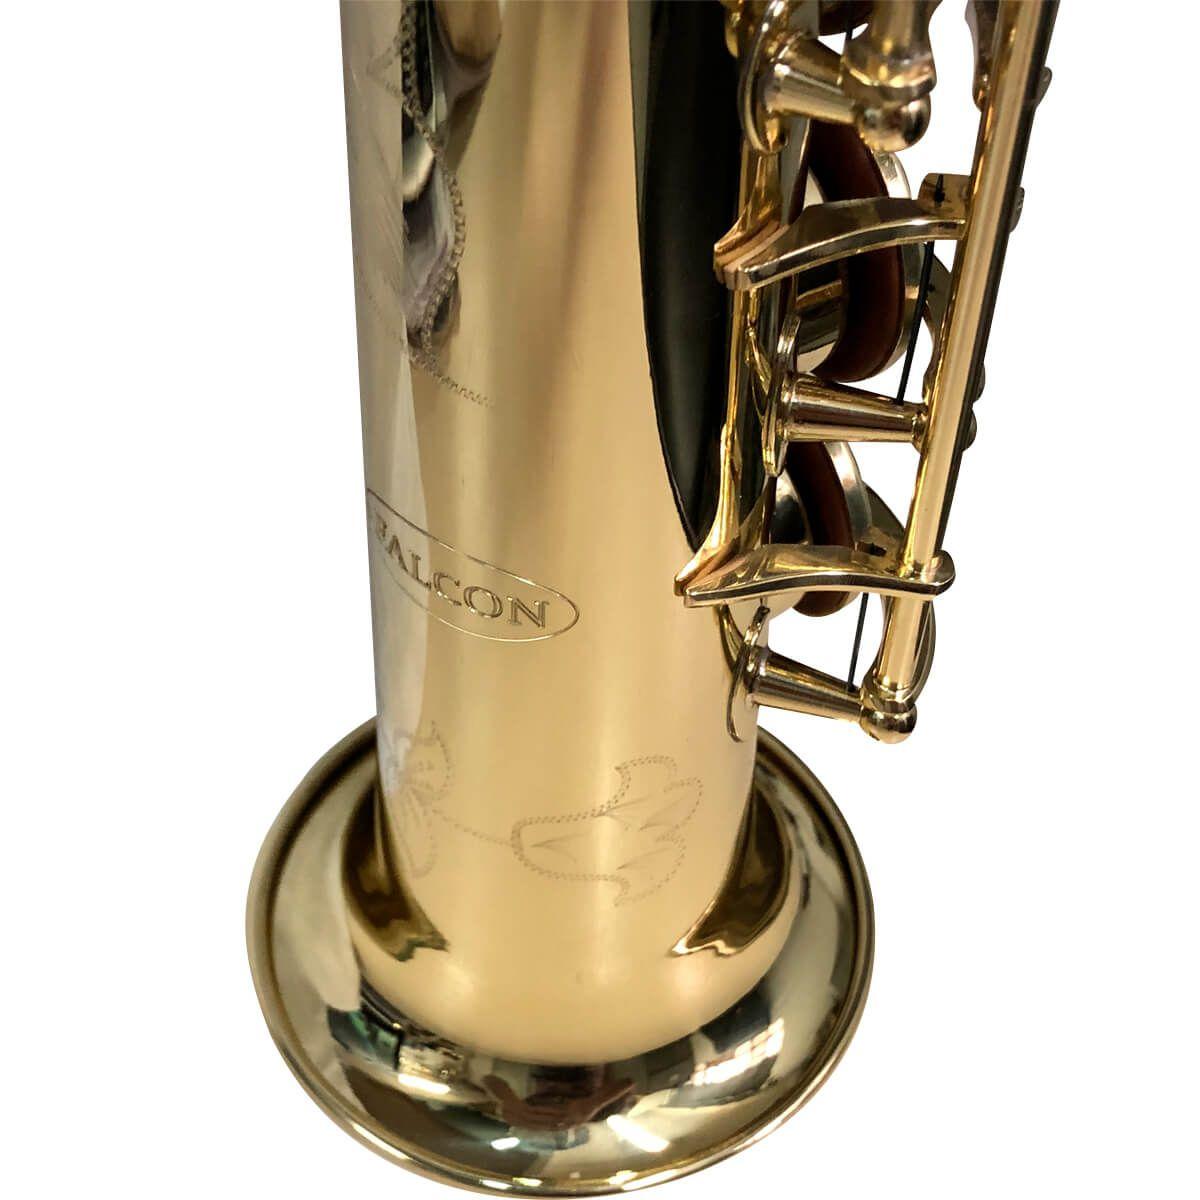 Sax Soprano - Laqueado - Fss-21 - Falcon